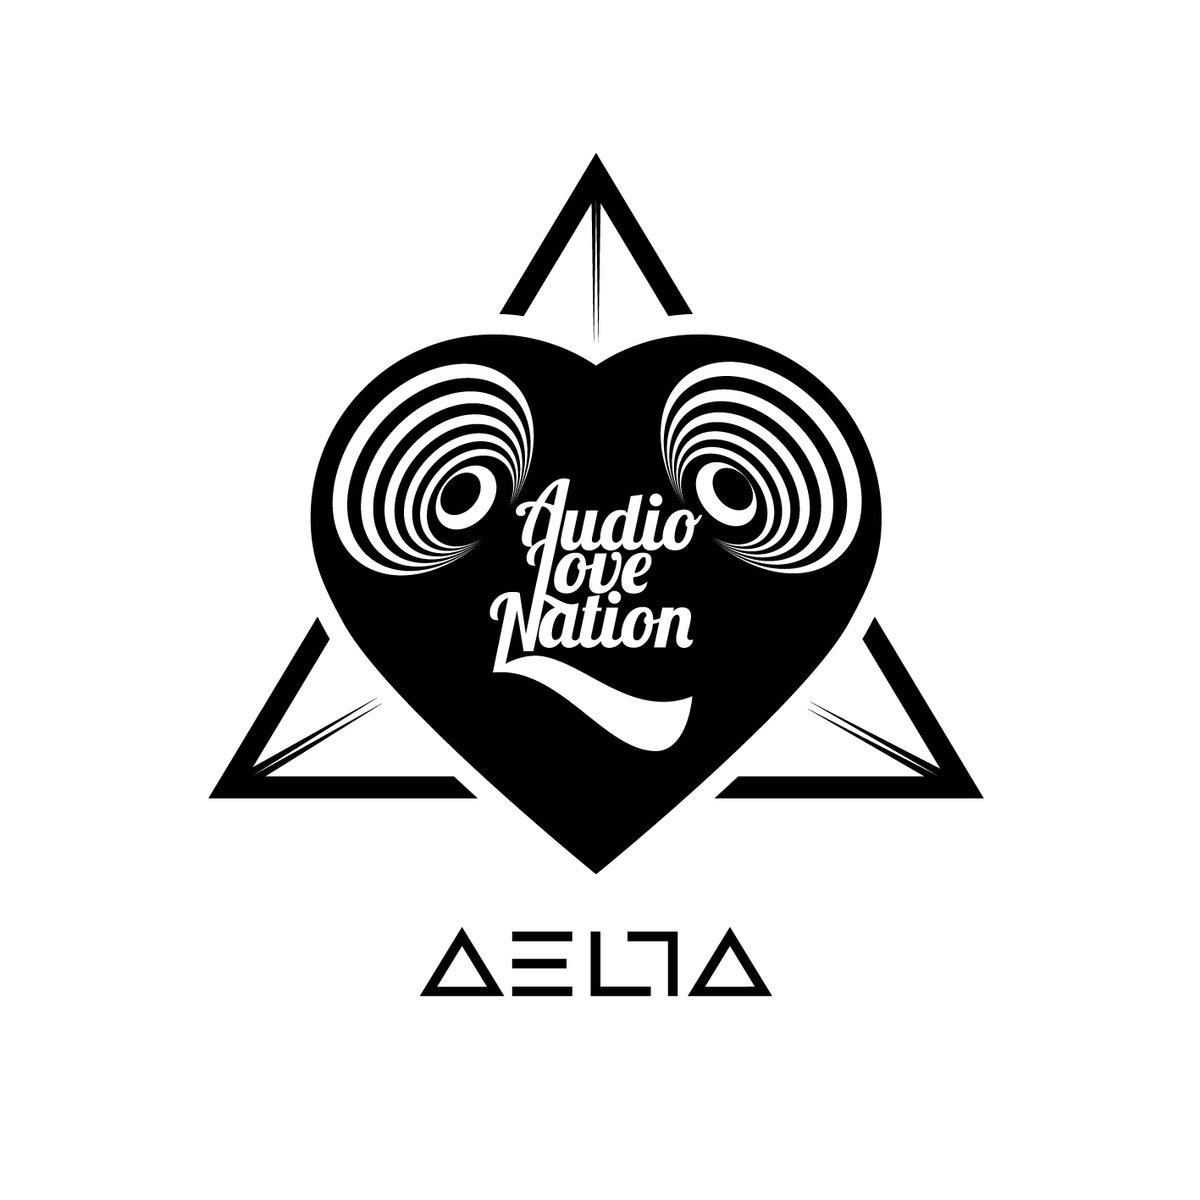 aln_delta_lp